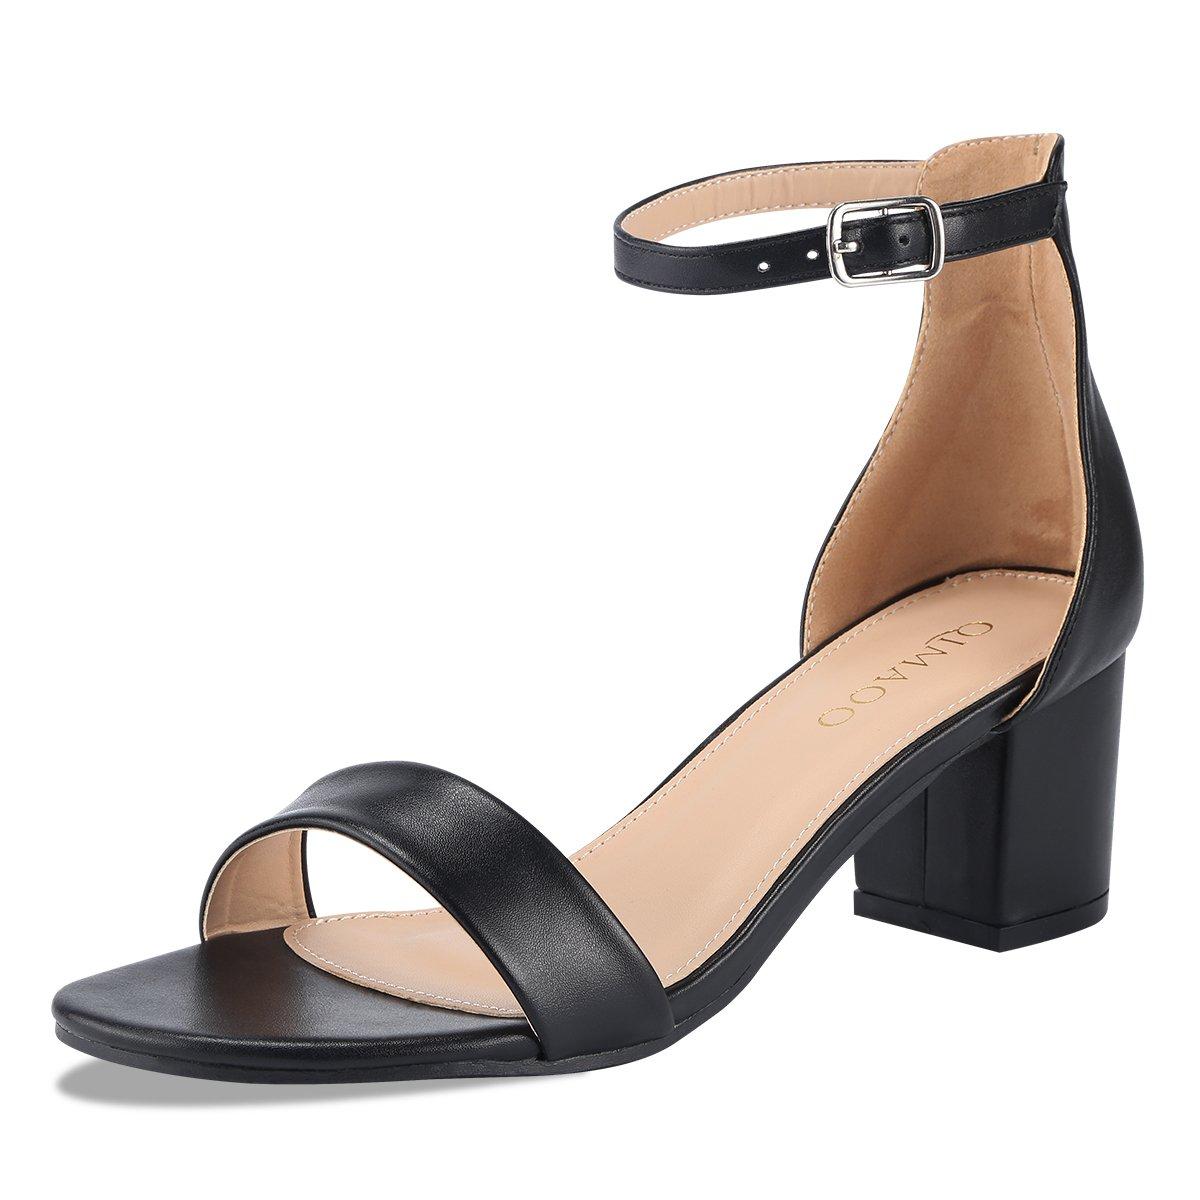 Qimaoo Chaussures Femme Été Sandales à Talon Carré, Chaussures 15673 Été à Haut Talon de 6cm pour Mariage Soirée Fête Noir 68755ac - latesttechnology.space